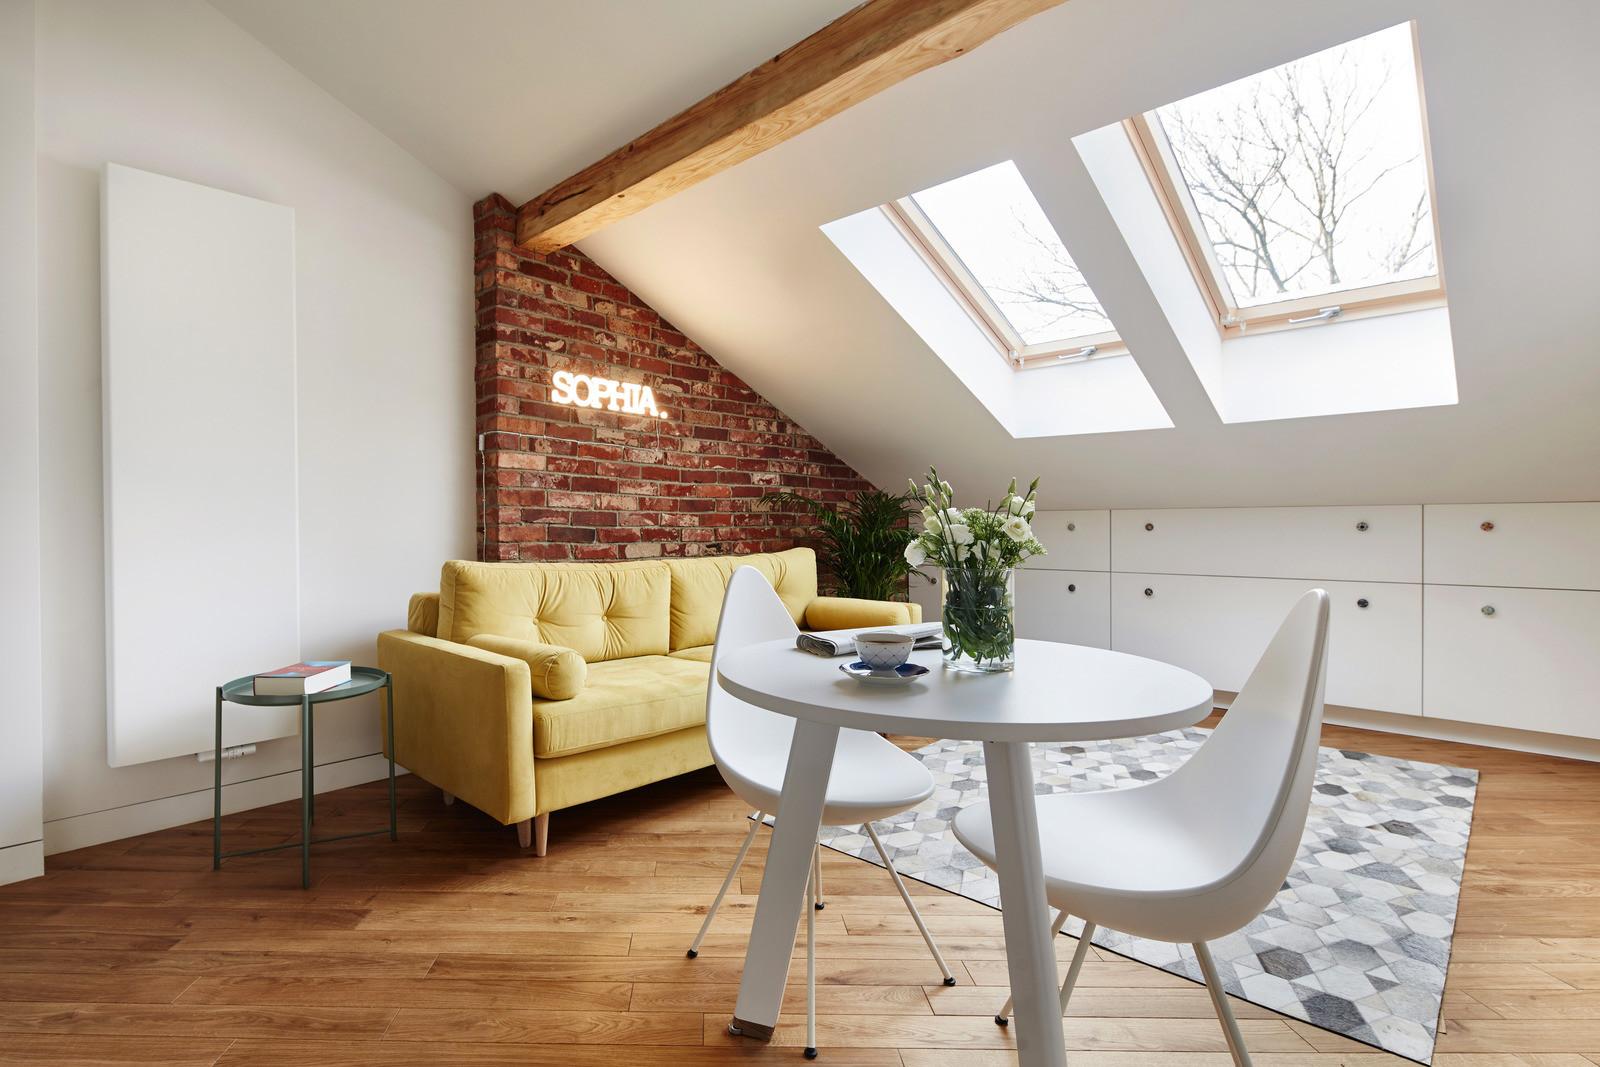 Small attic apartment